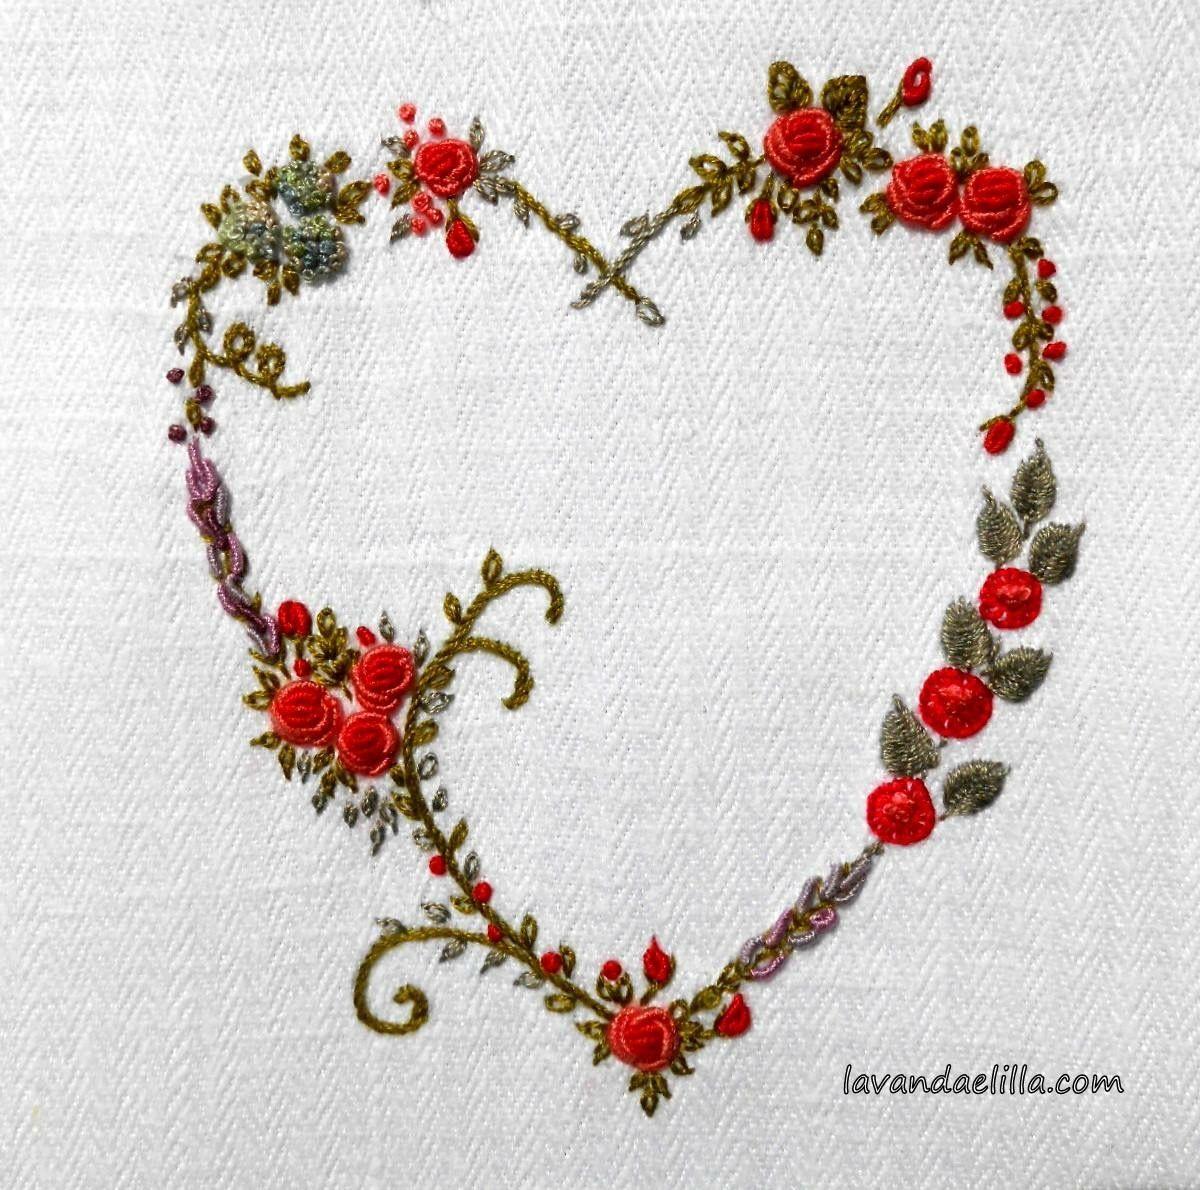 Pin By Gouri Joshi On Embroidery Lavanda E Lilla Elizabeth